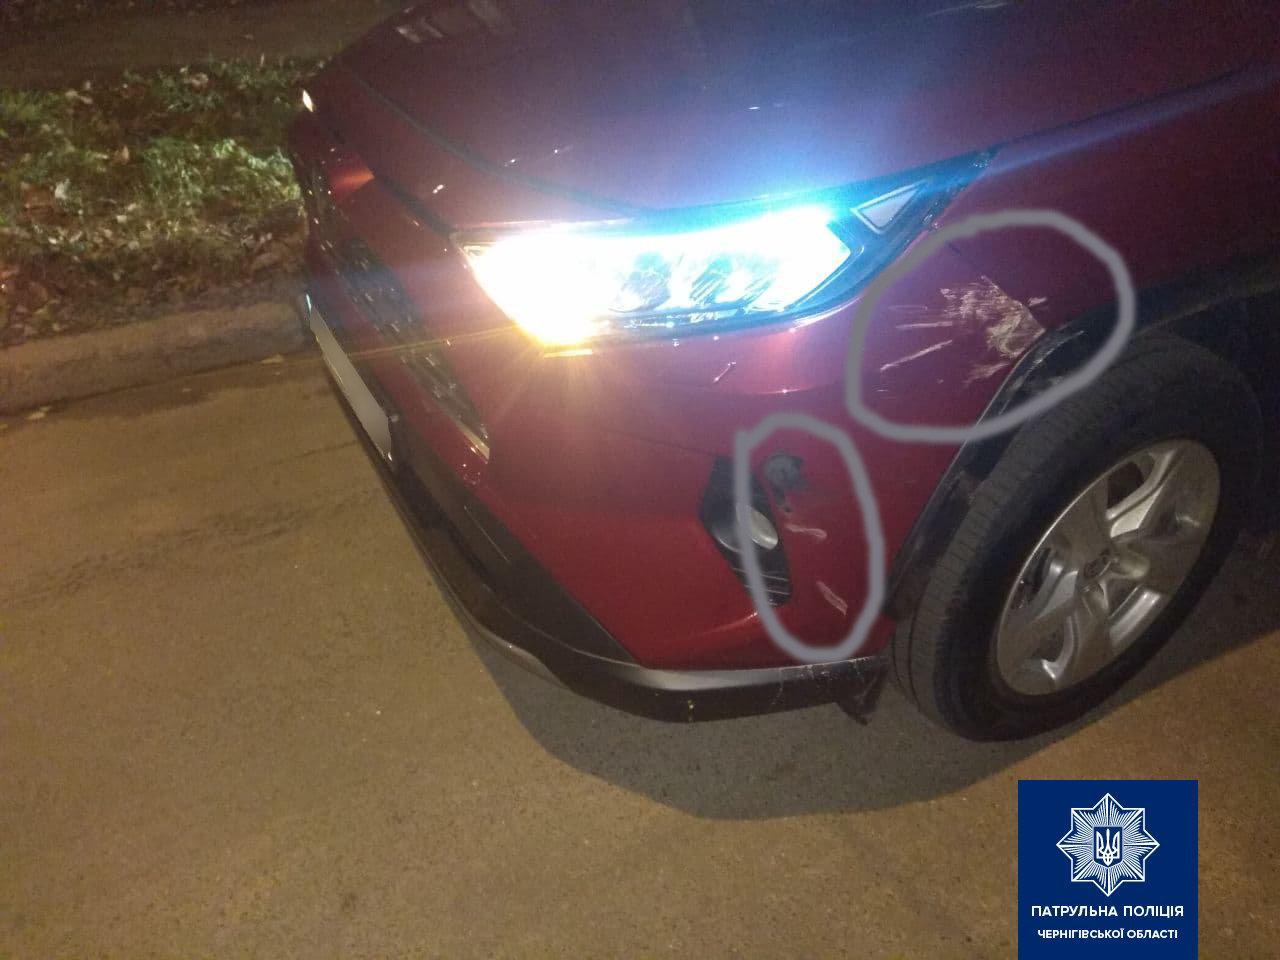 Водій без права керування влаштував ДТП у Чернігові: поліція розшукала порушника, фото-1